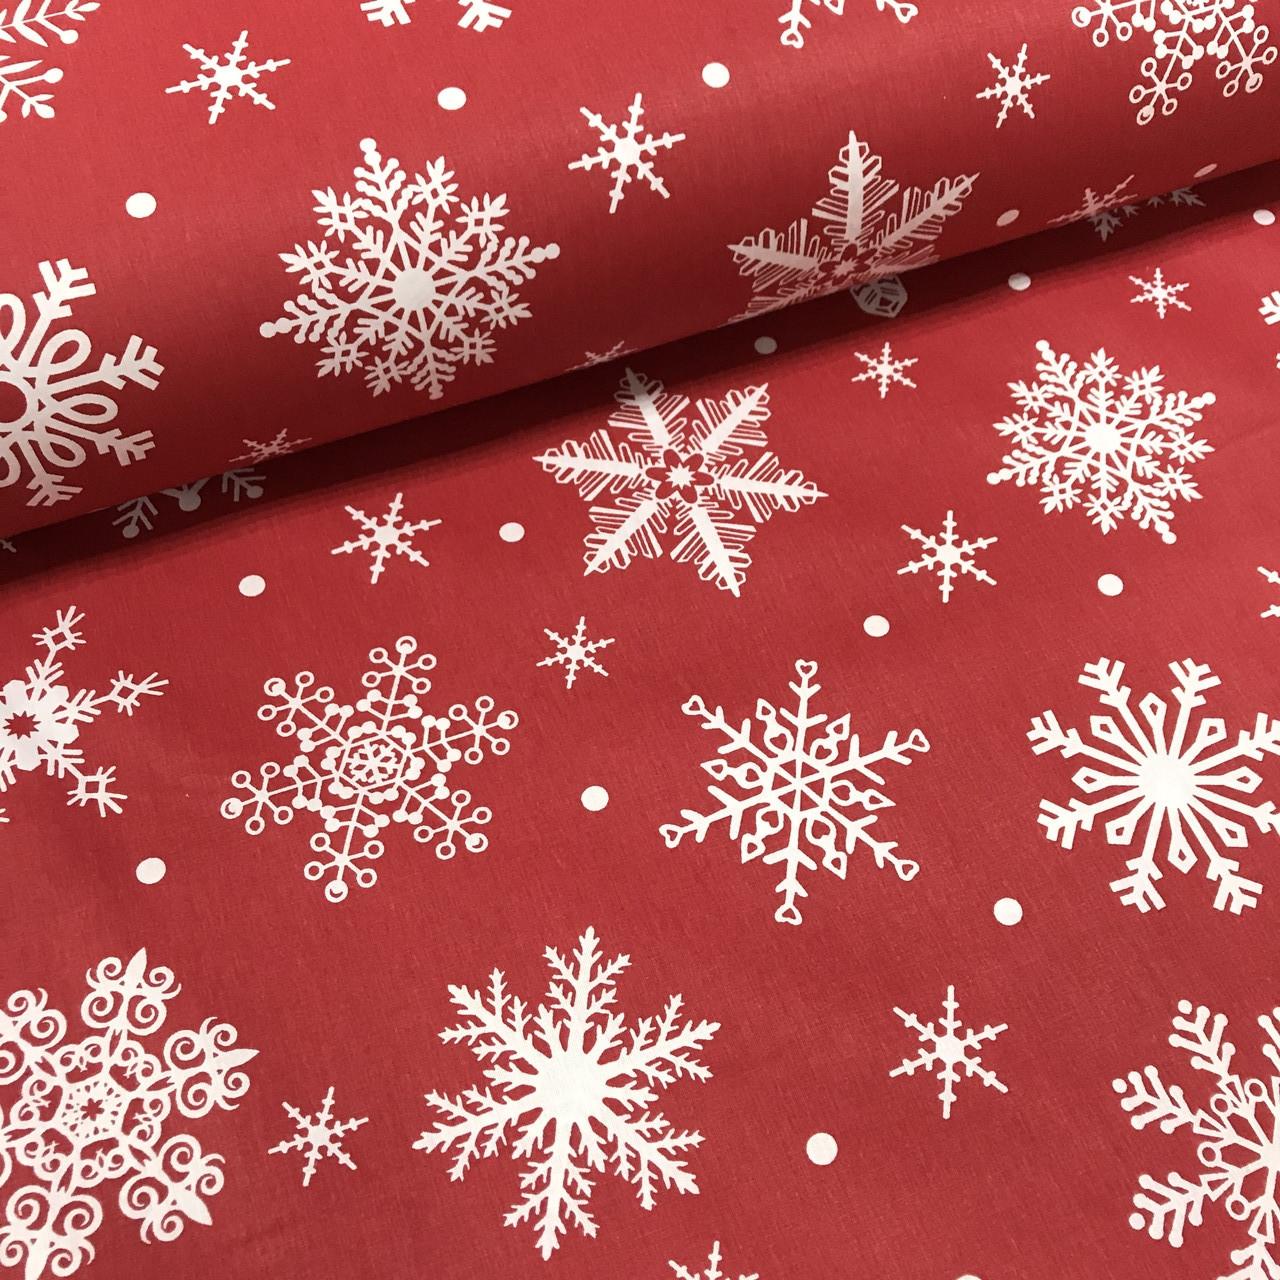 Ткань поплин снежинки белые редкие с горошком на красном (ТУРЦИЯ шир. 2,4 м)